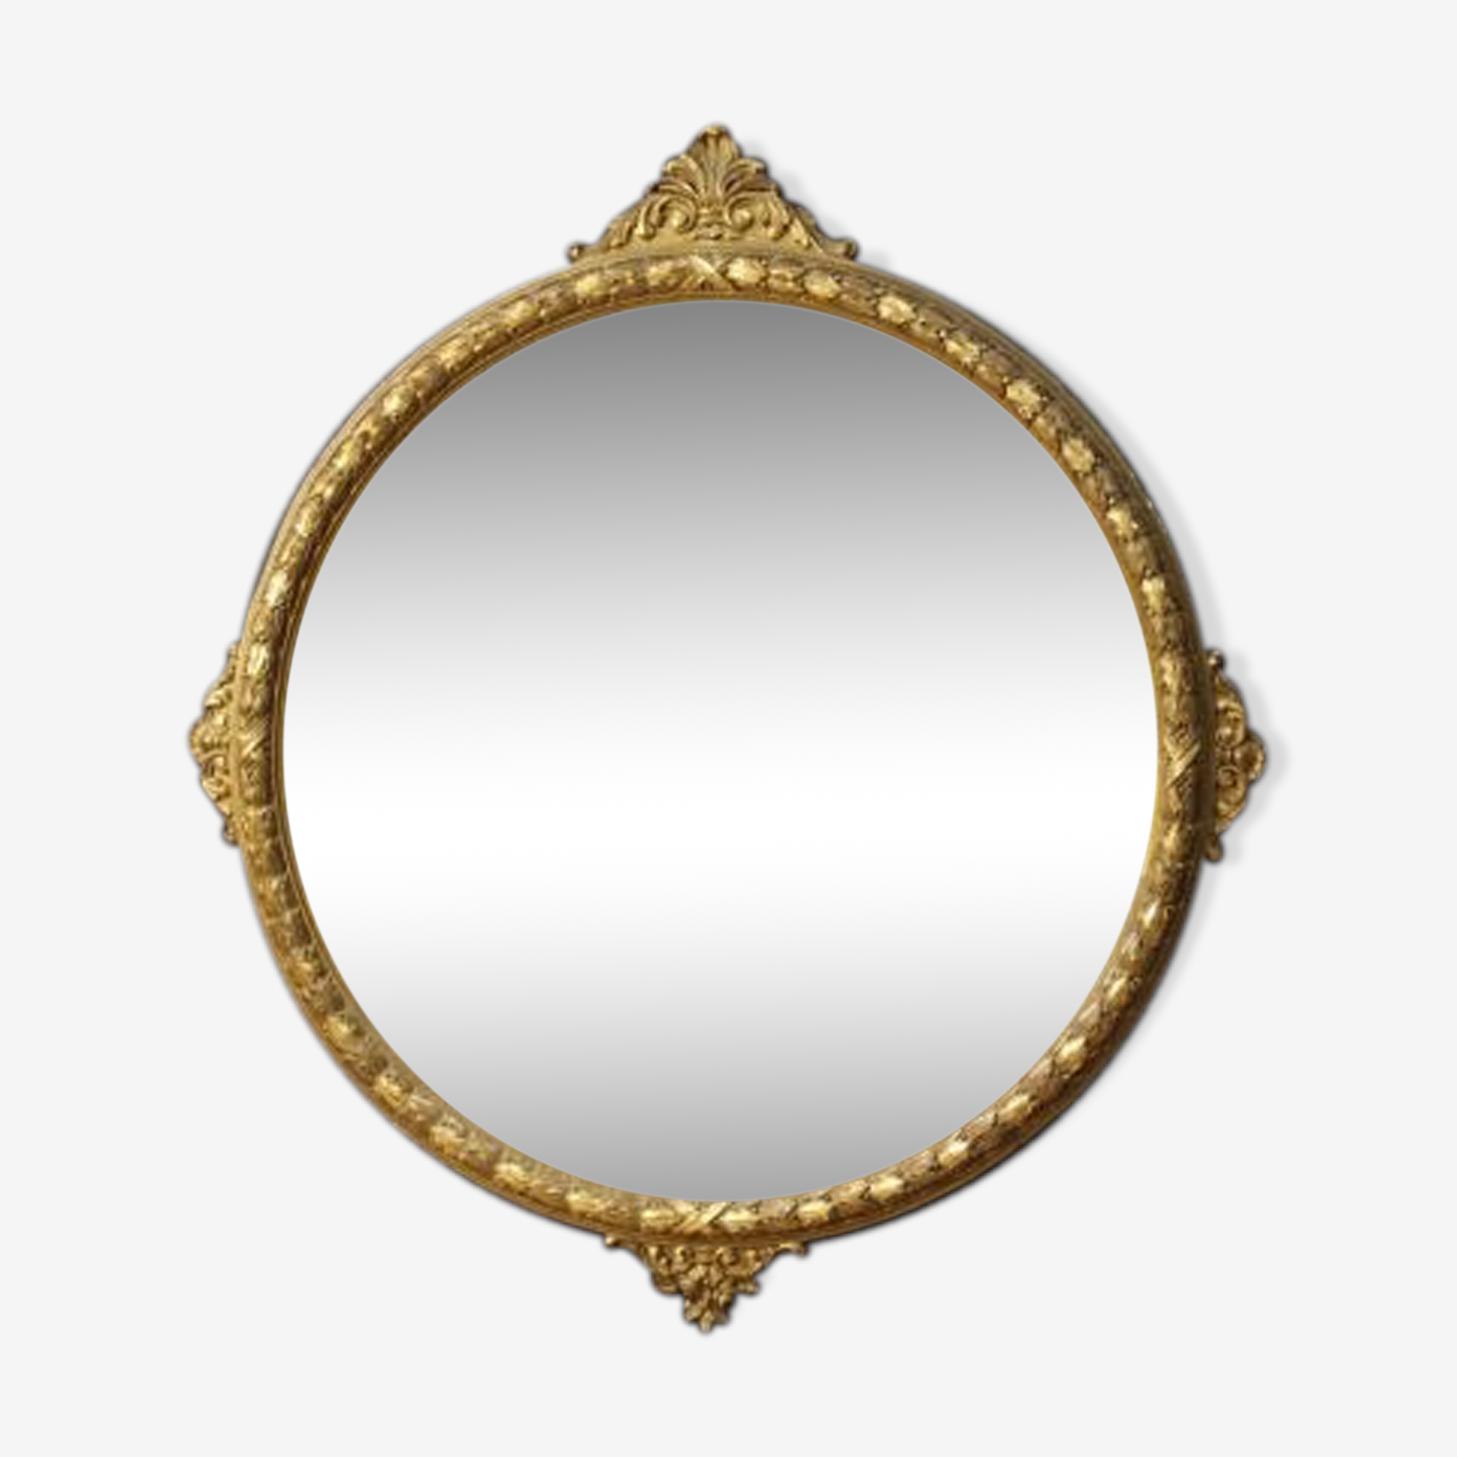 Miroir italien rond en bois doré 121x133cm